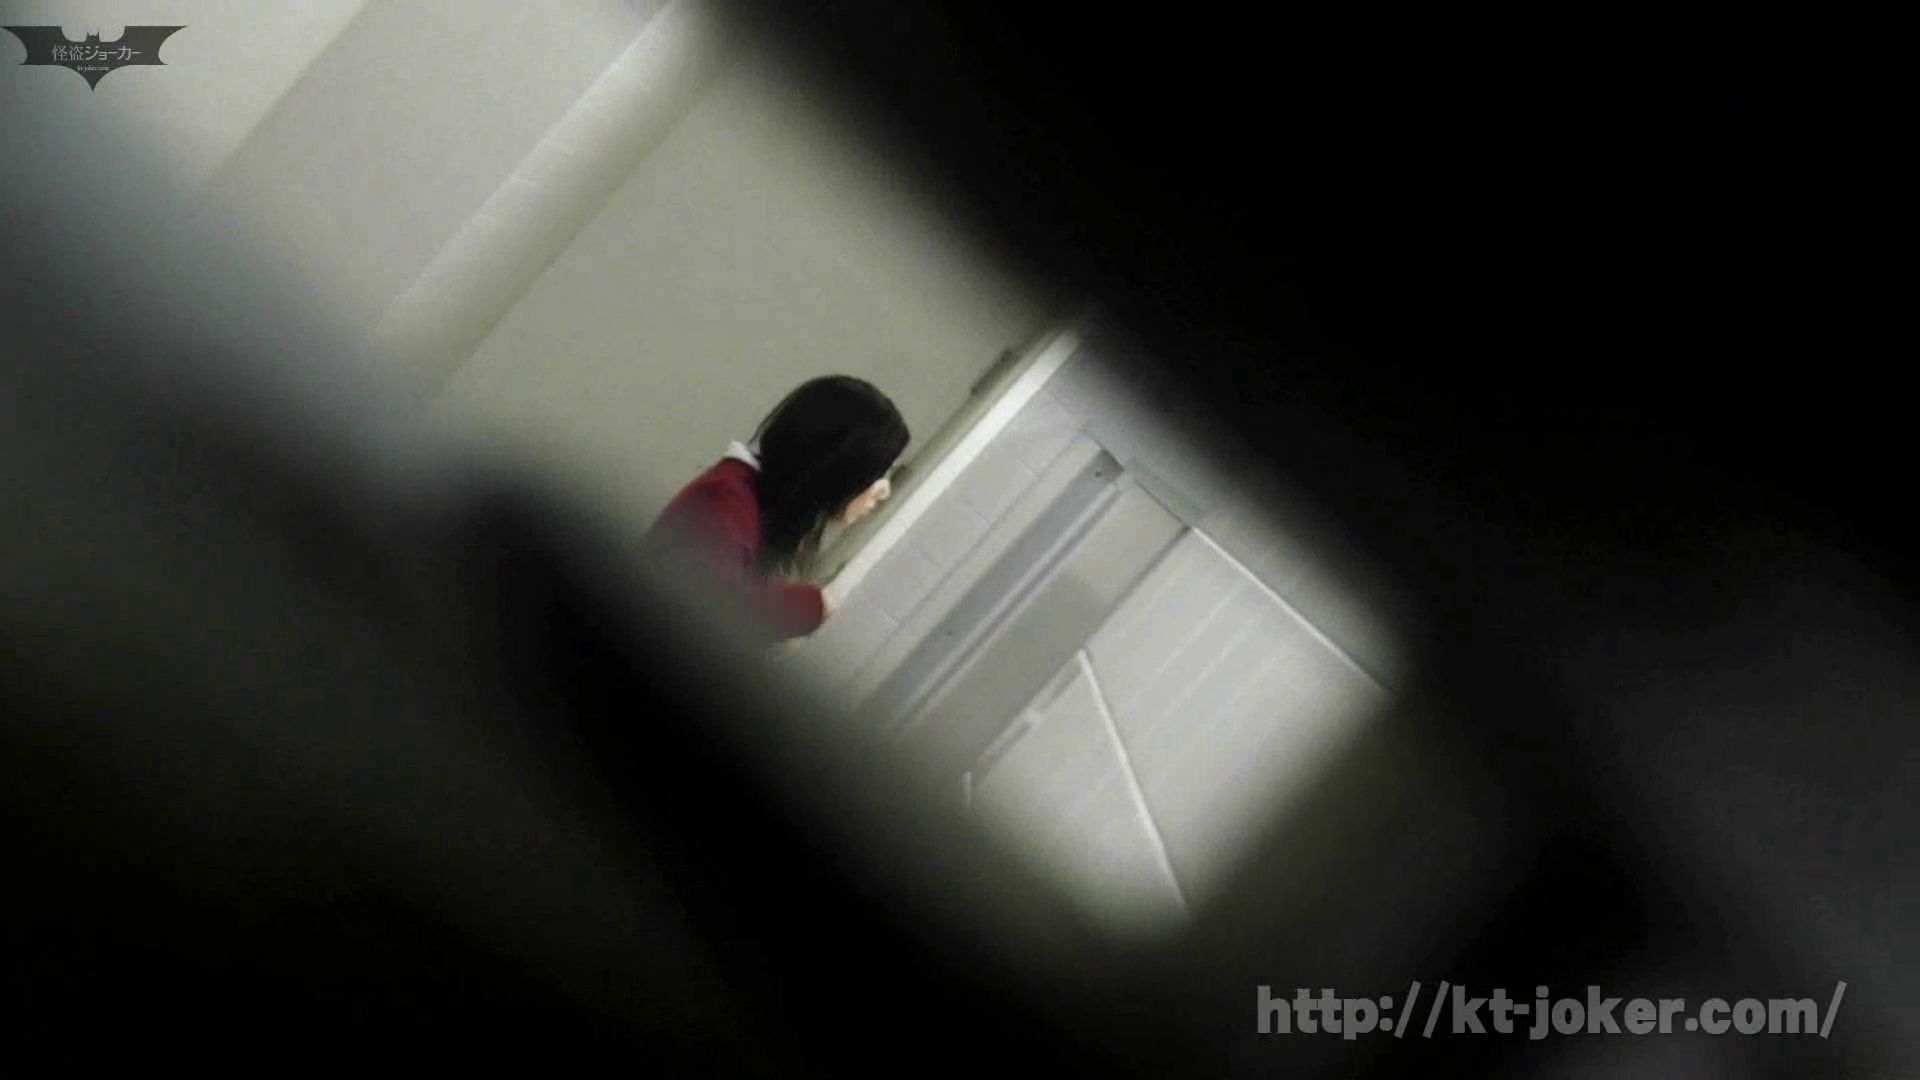 命がけ潜伏洗面所! vol.56 ピンチ!!「鏡の前で祈る女性」にばれる危機 洗面所突入   プライベート  105pic 7